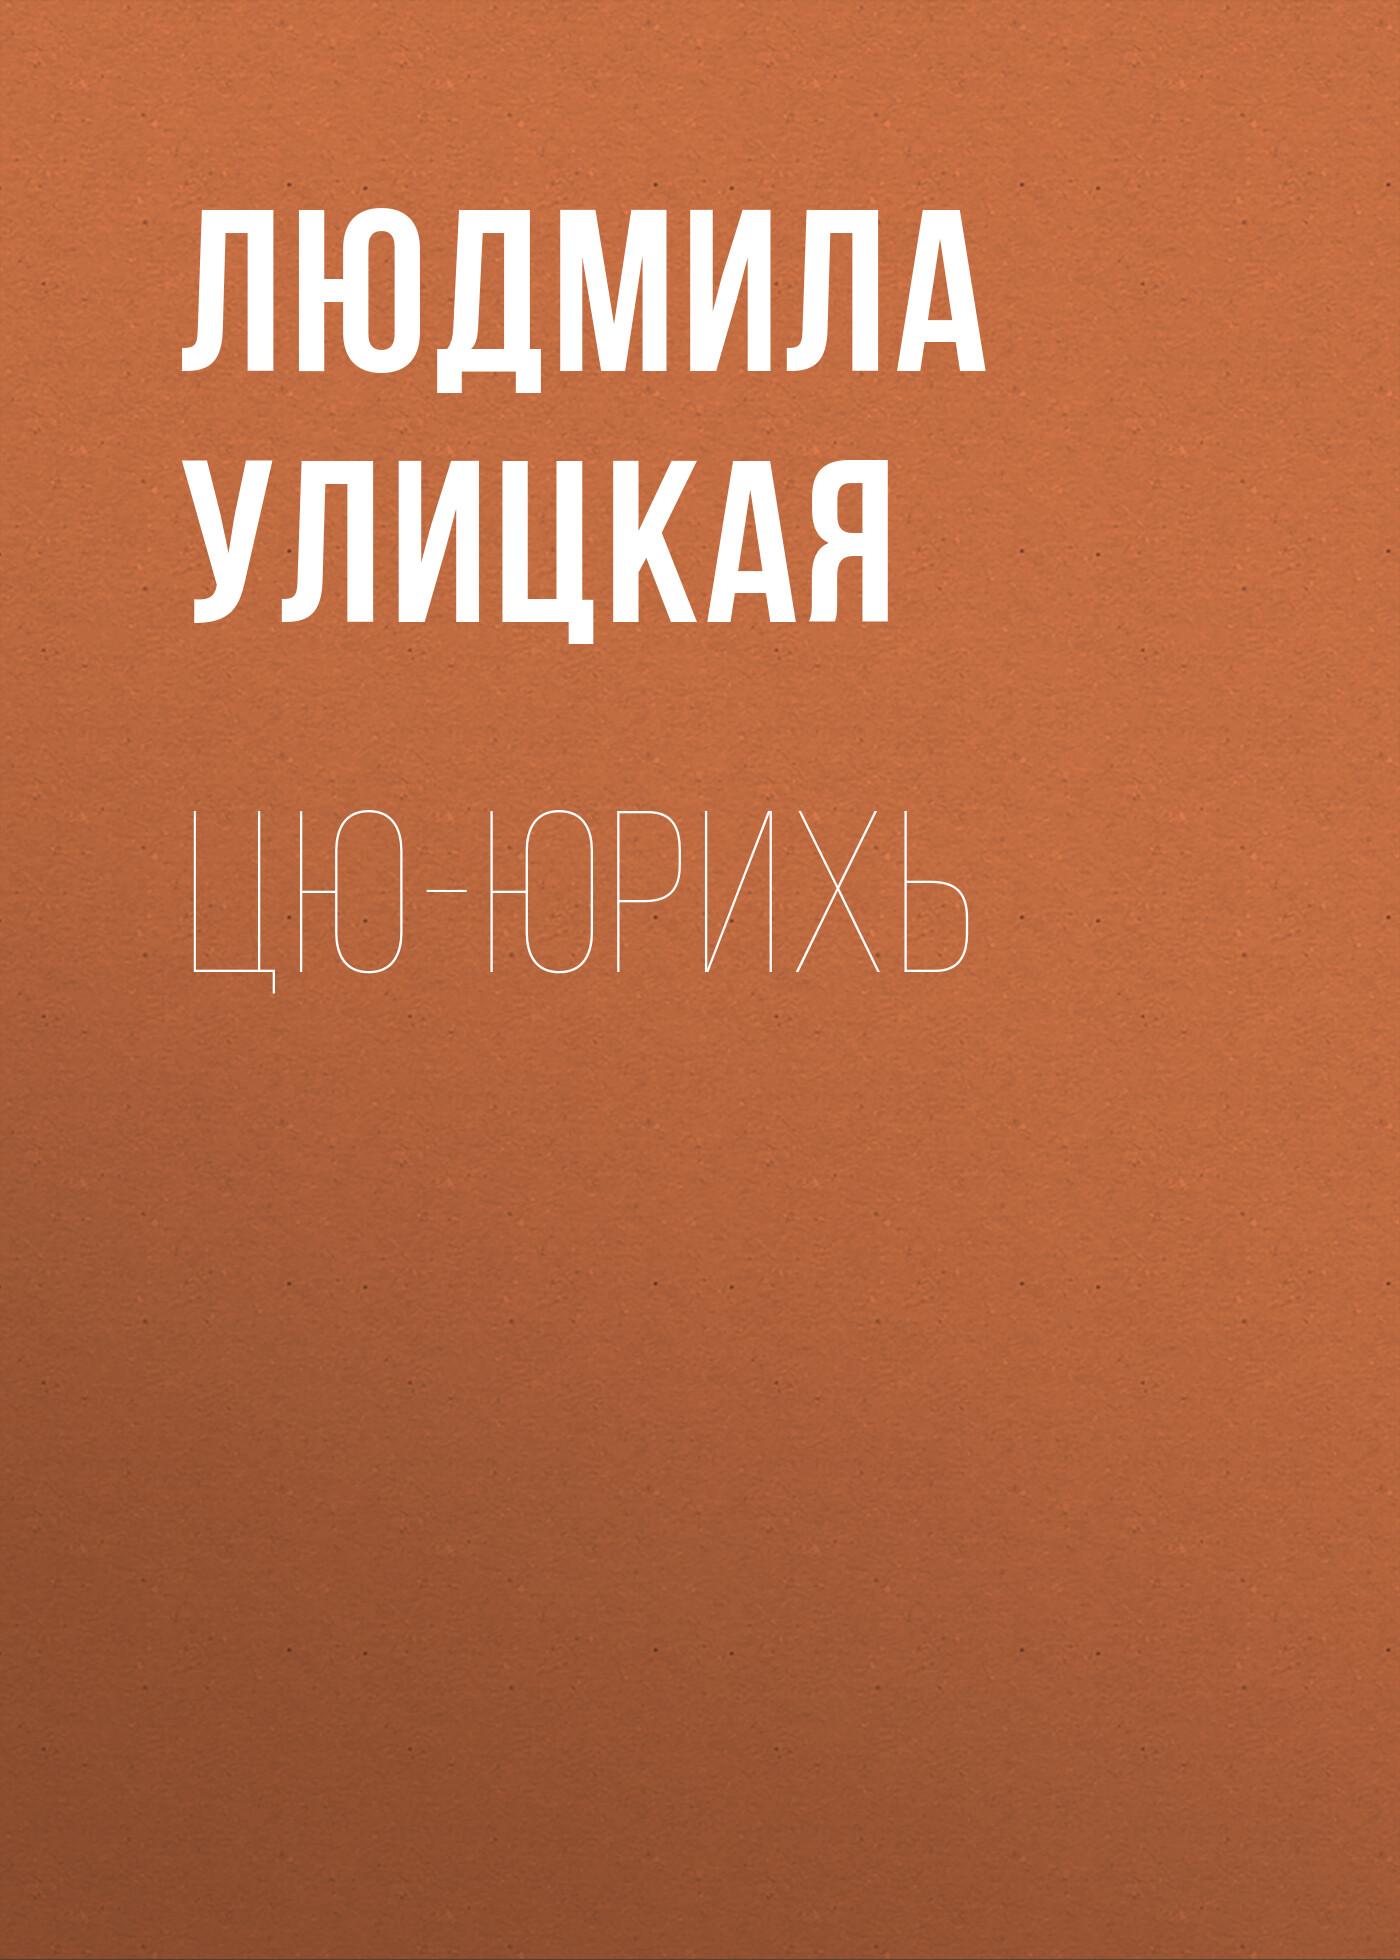 Людмила Улицкая Цю-юрихь улицкая людмила евгеньевна цю юрихь роман рассказы